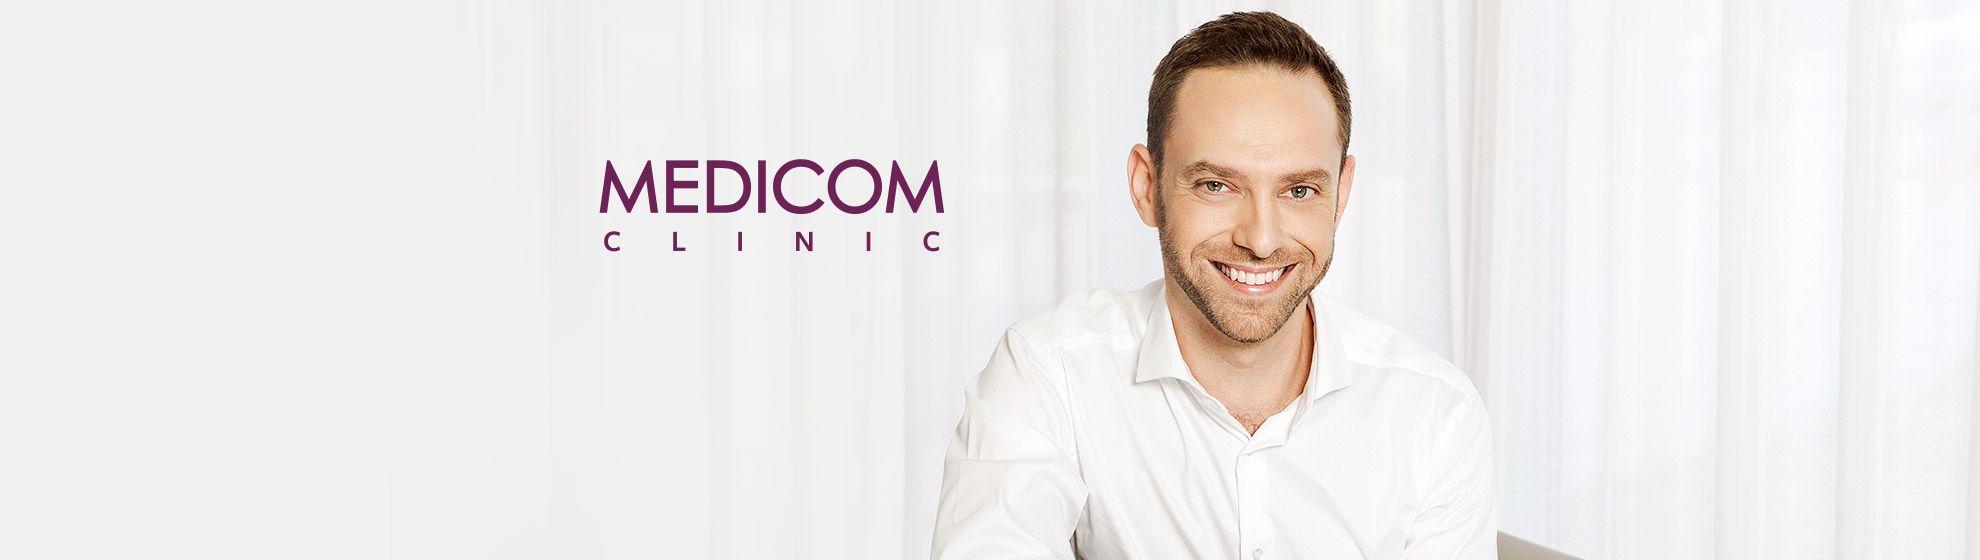 MUDr. Petros Christodoulou - MEDICOM Clinic